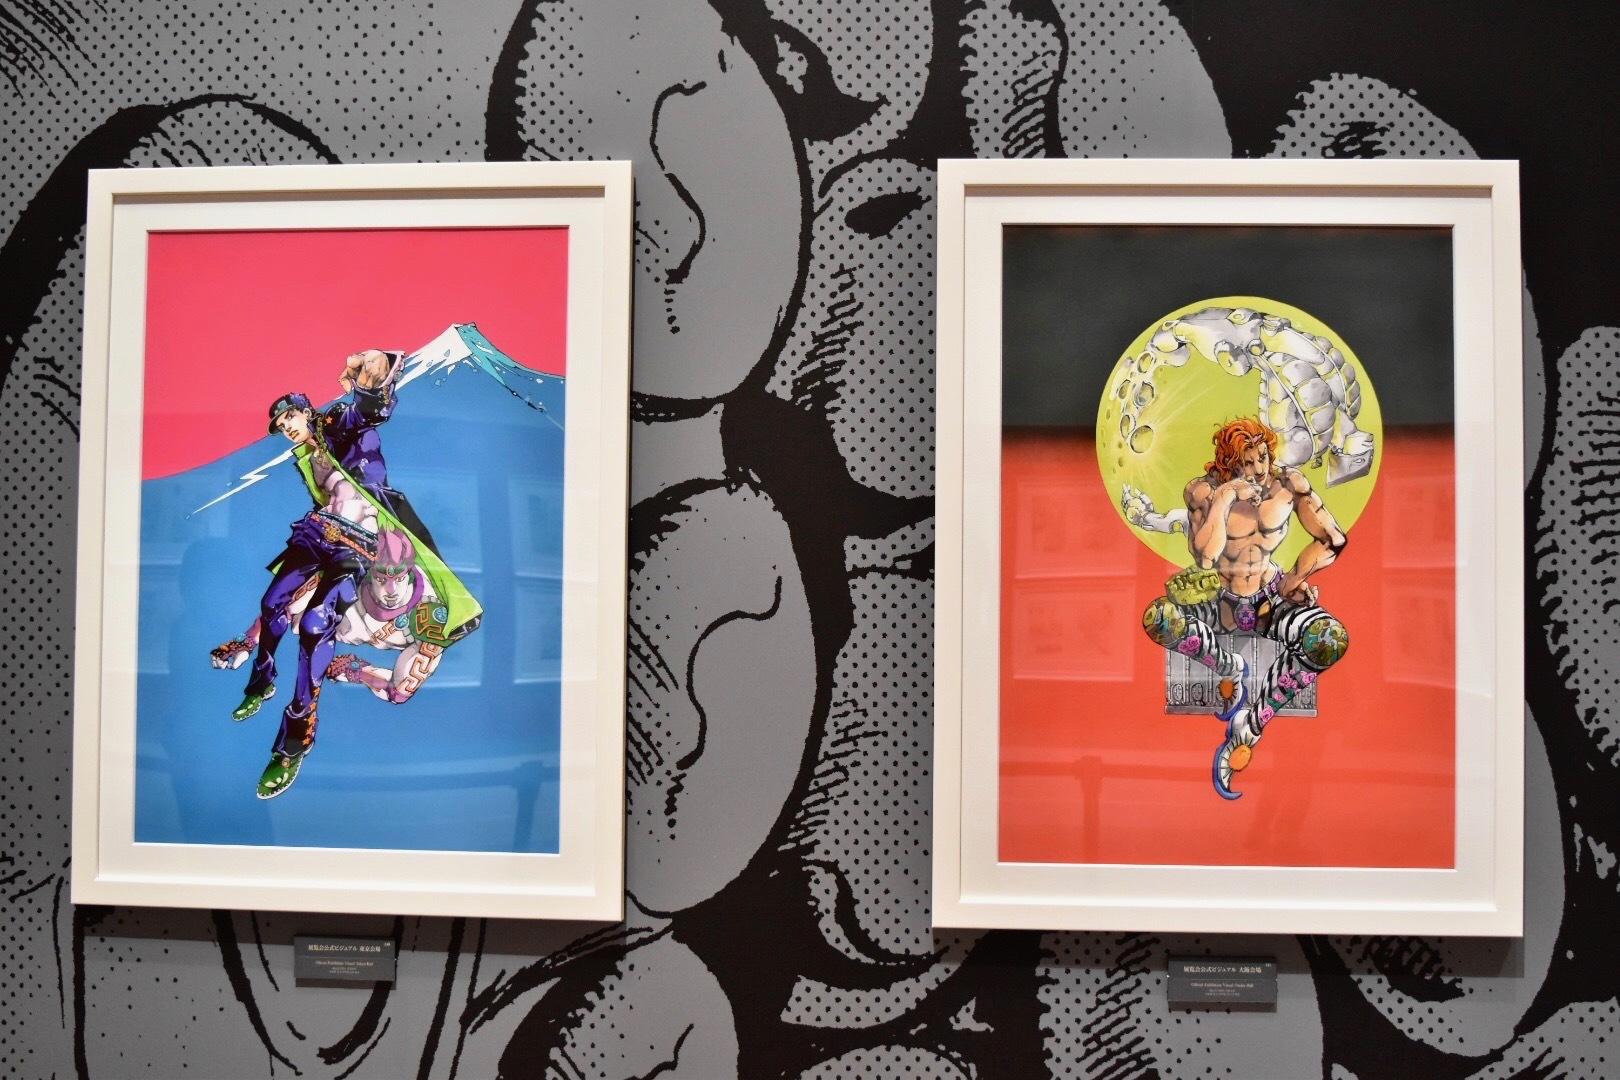 展覧会描きおろしキービジュアル(左:東京会場、右:大阪会場)